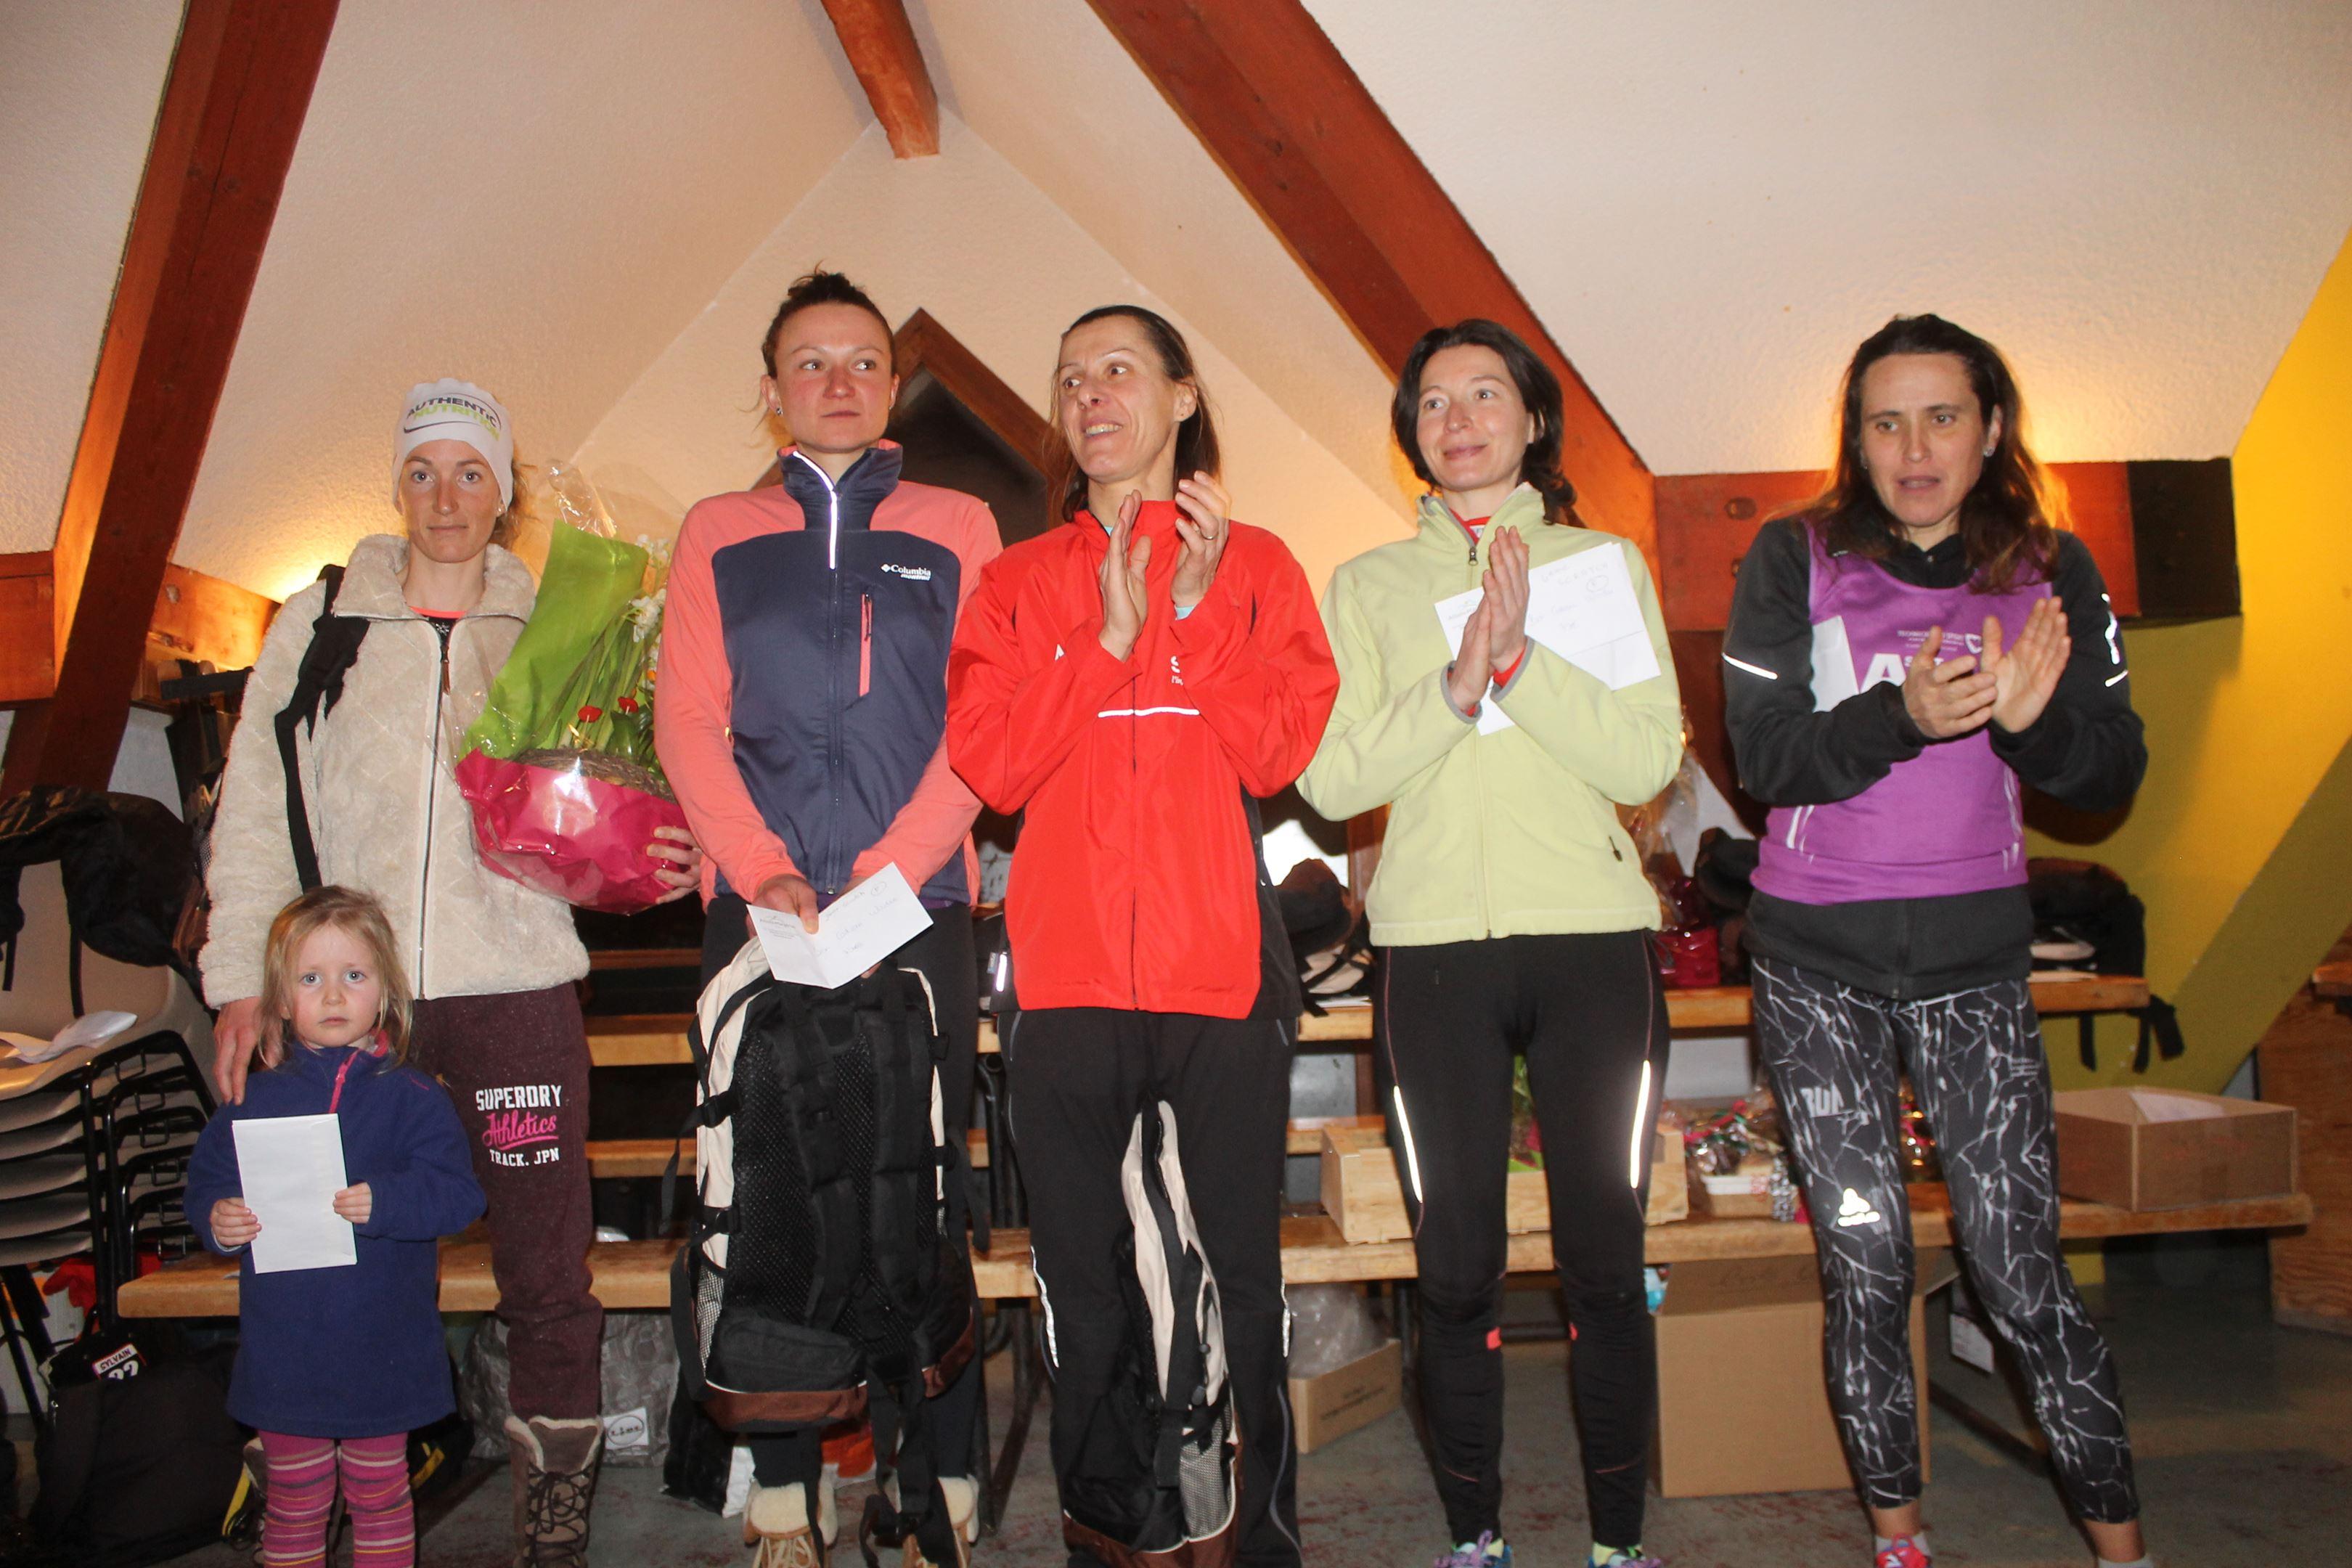 copie 0 podium féminin - RESULTATS, PHOTOS ET COMMENTAIRES DU TRAIL DE LA FÉE BLANCHE (LES AILLONS MARGERIAZ 73) 24-02-2018